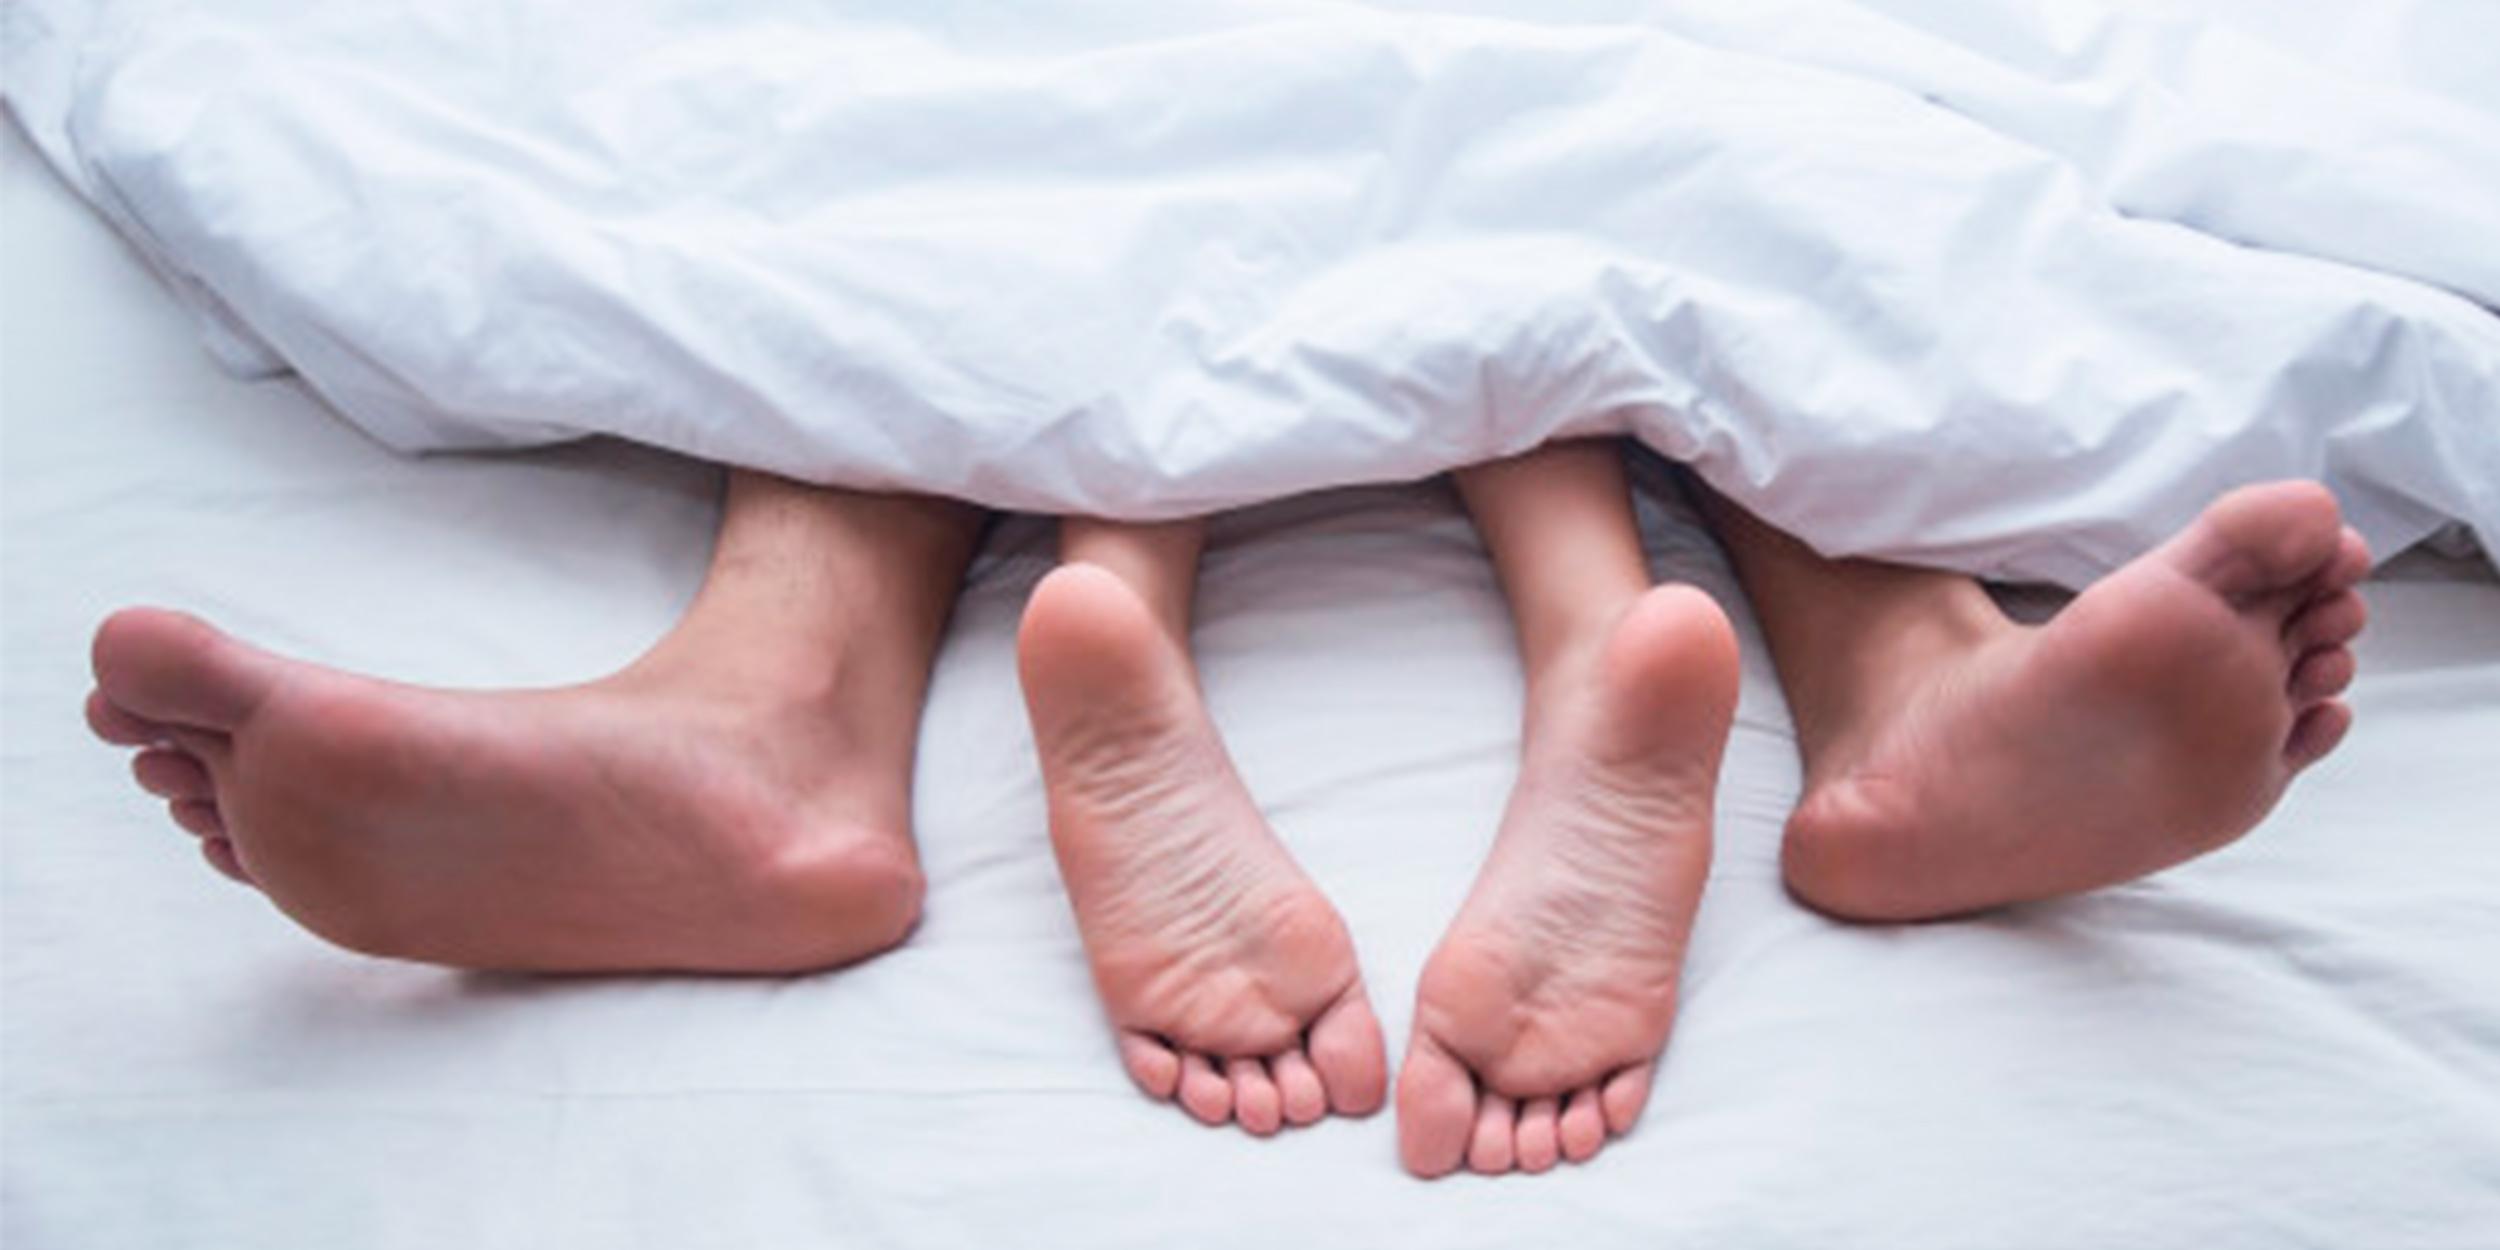 Узнать тех кто хочет секса